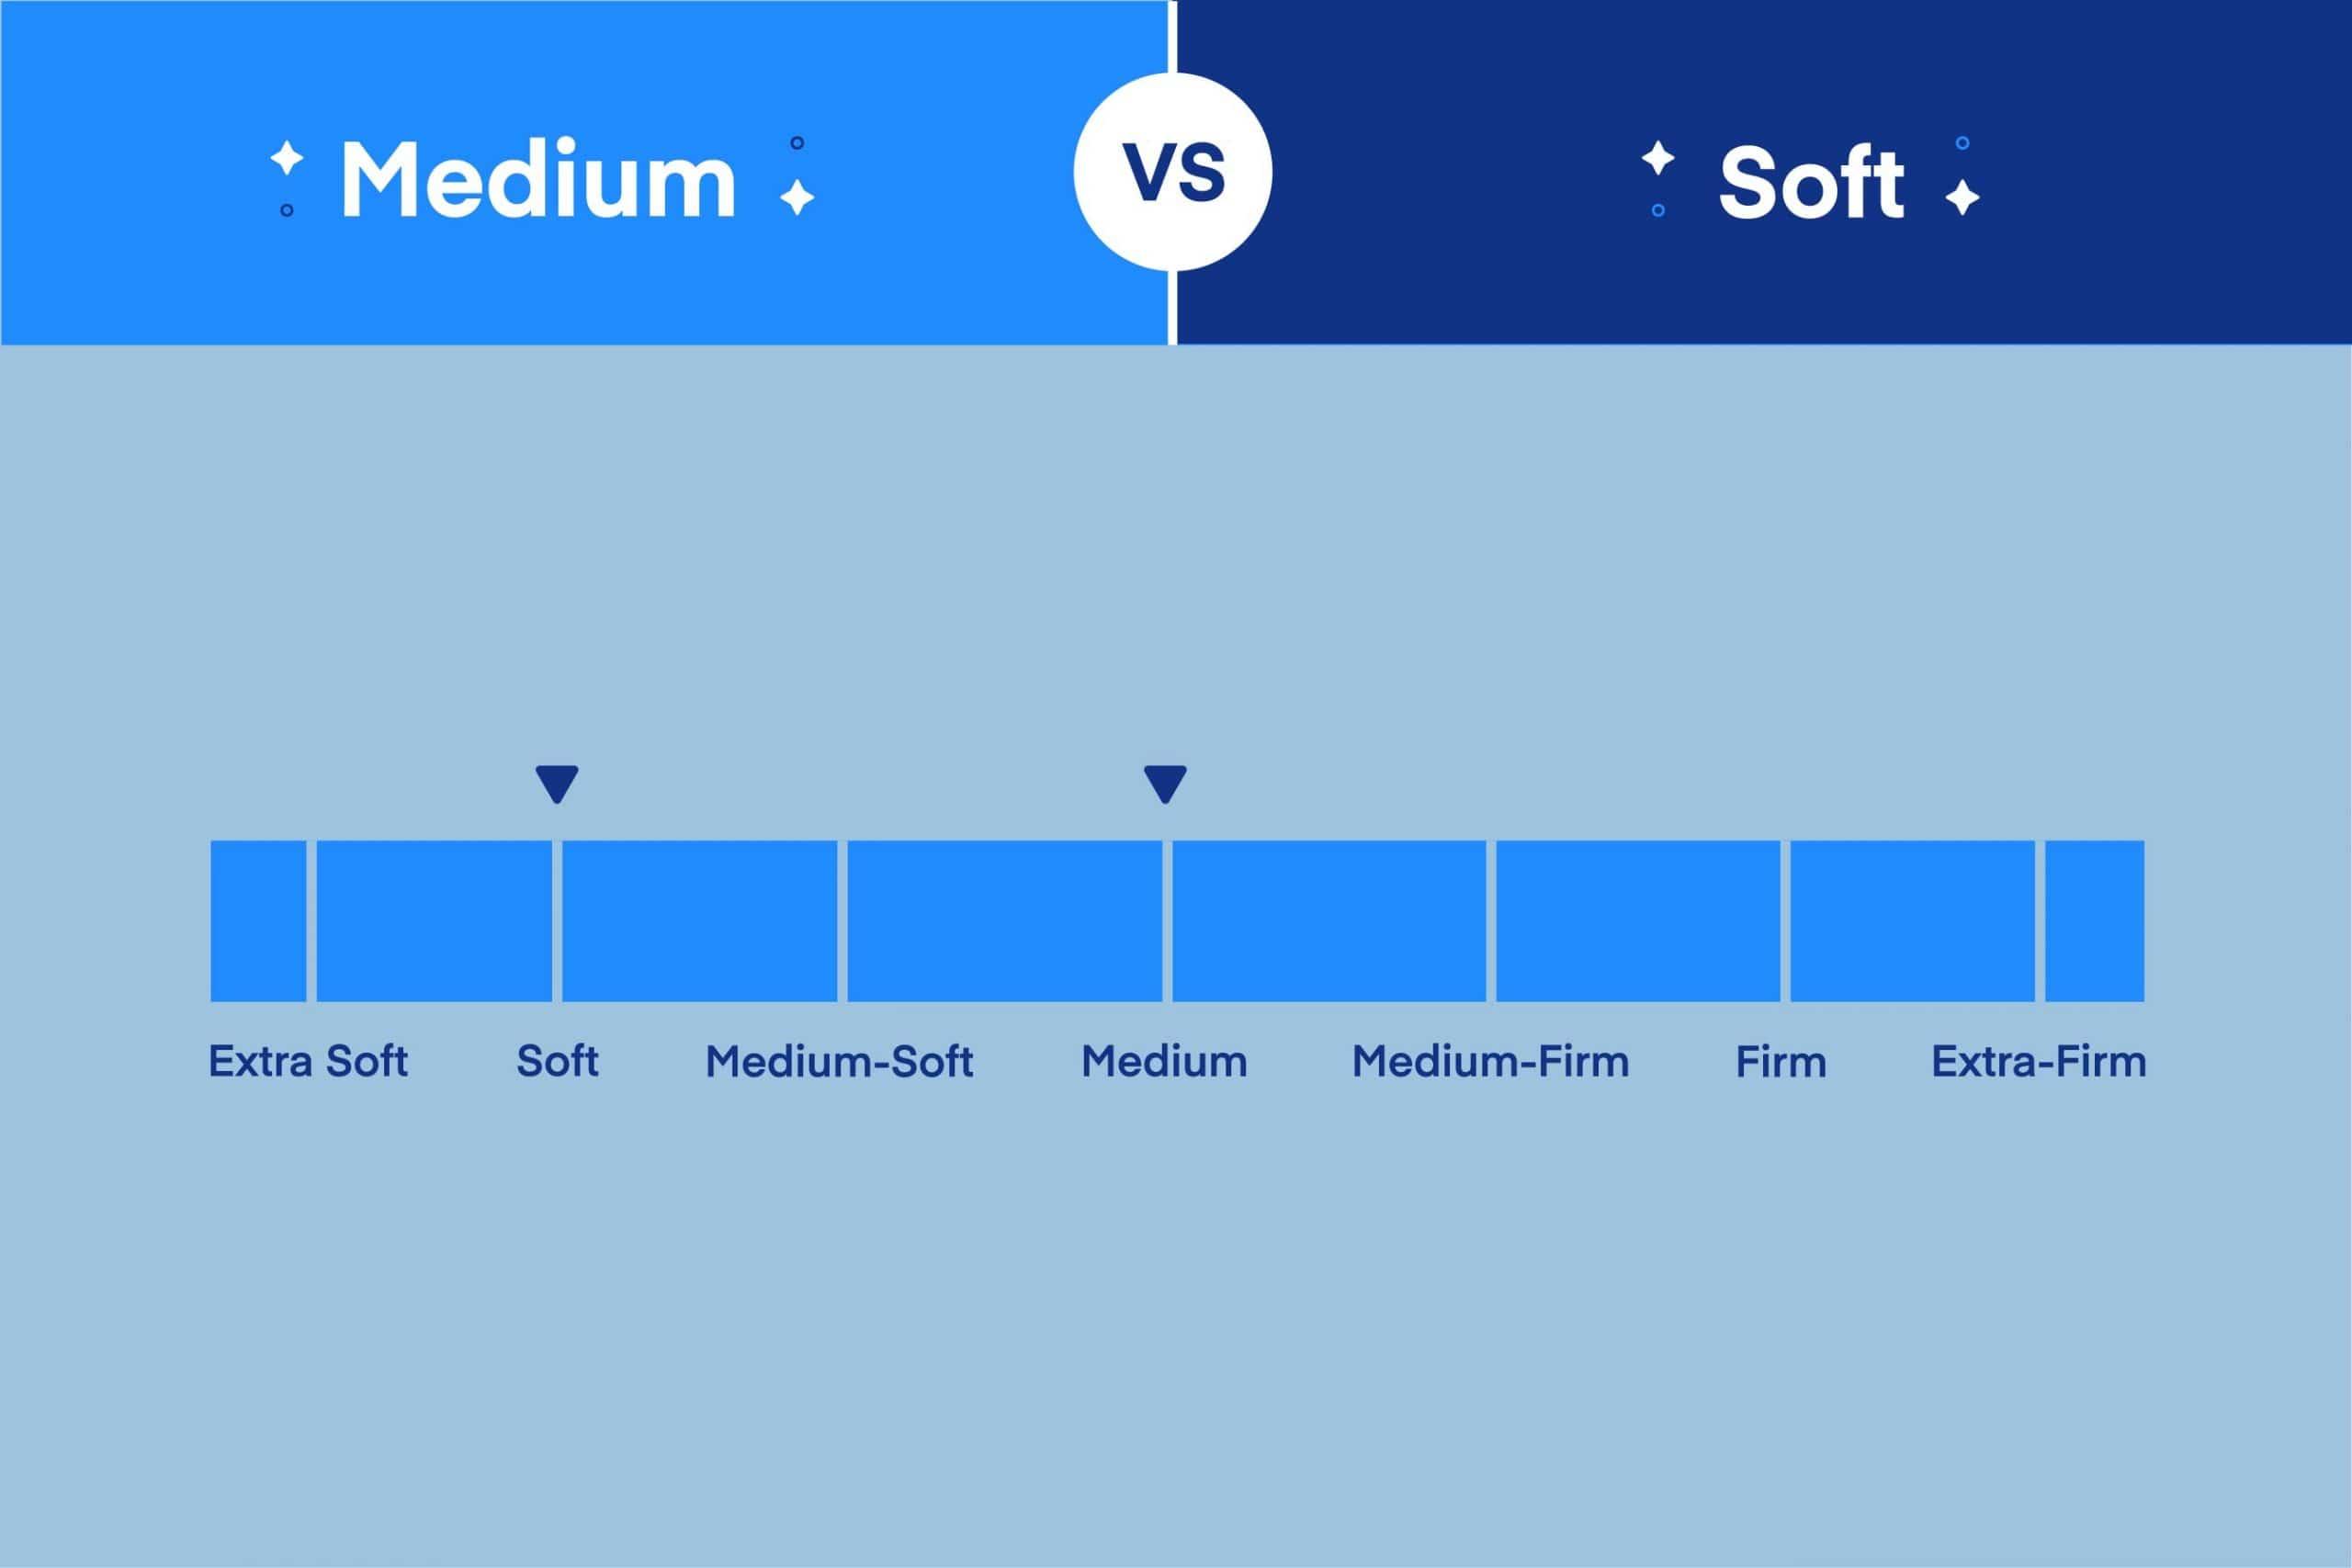 Firm vs. Soft Mattress